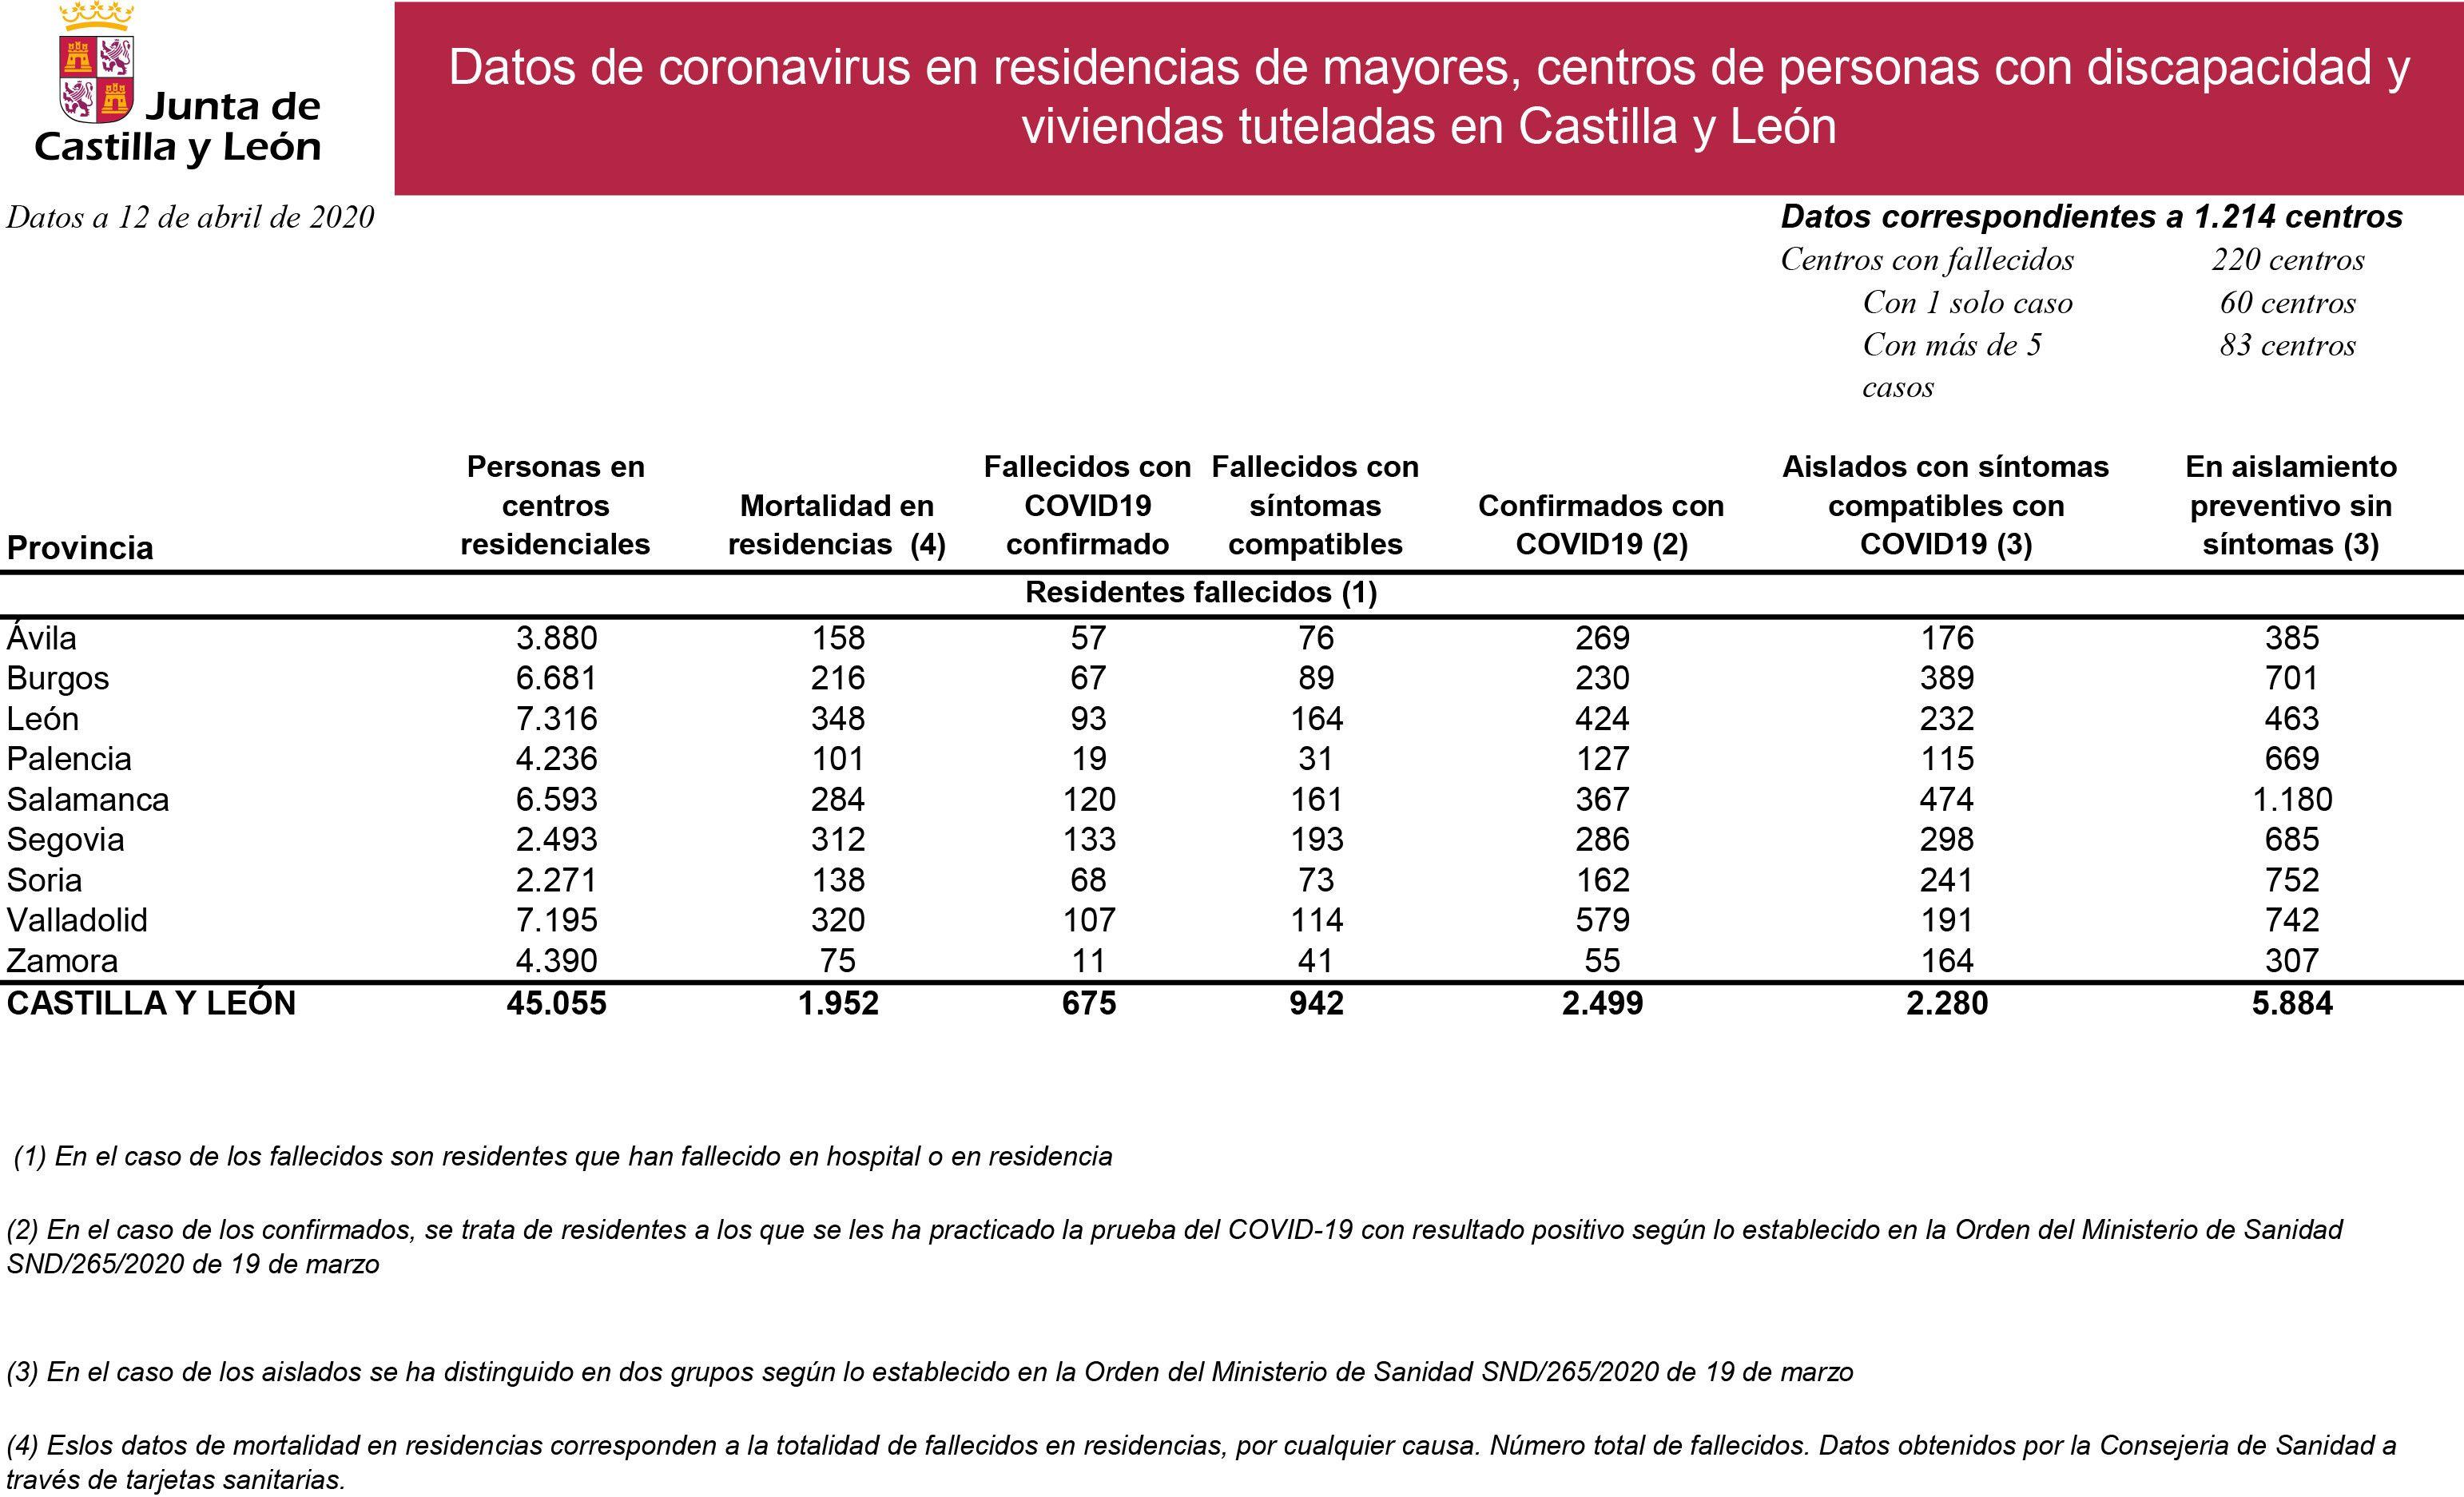 Datos coronavirus residencias y centros 12 abril